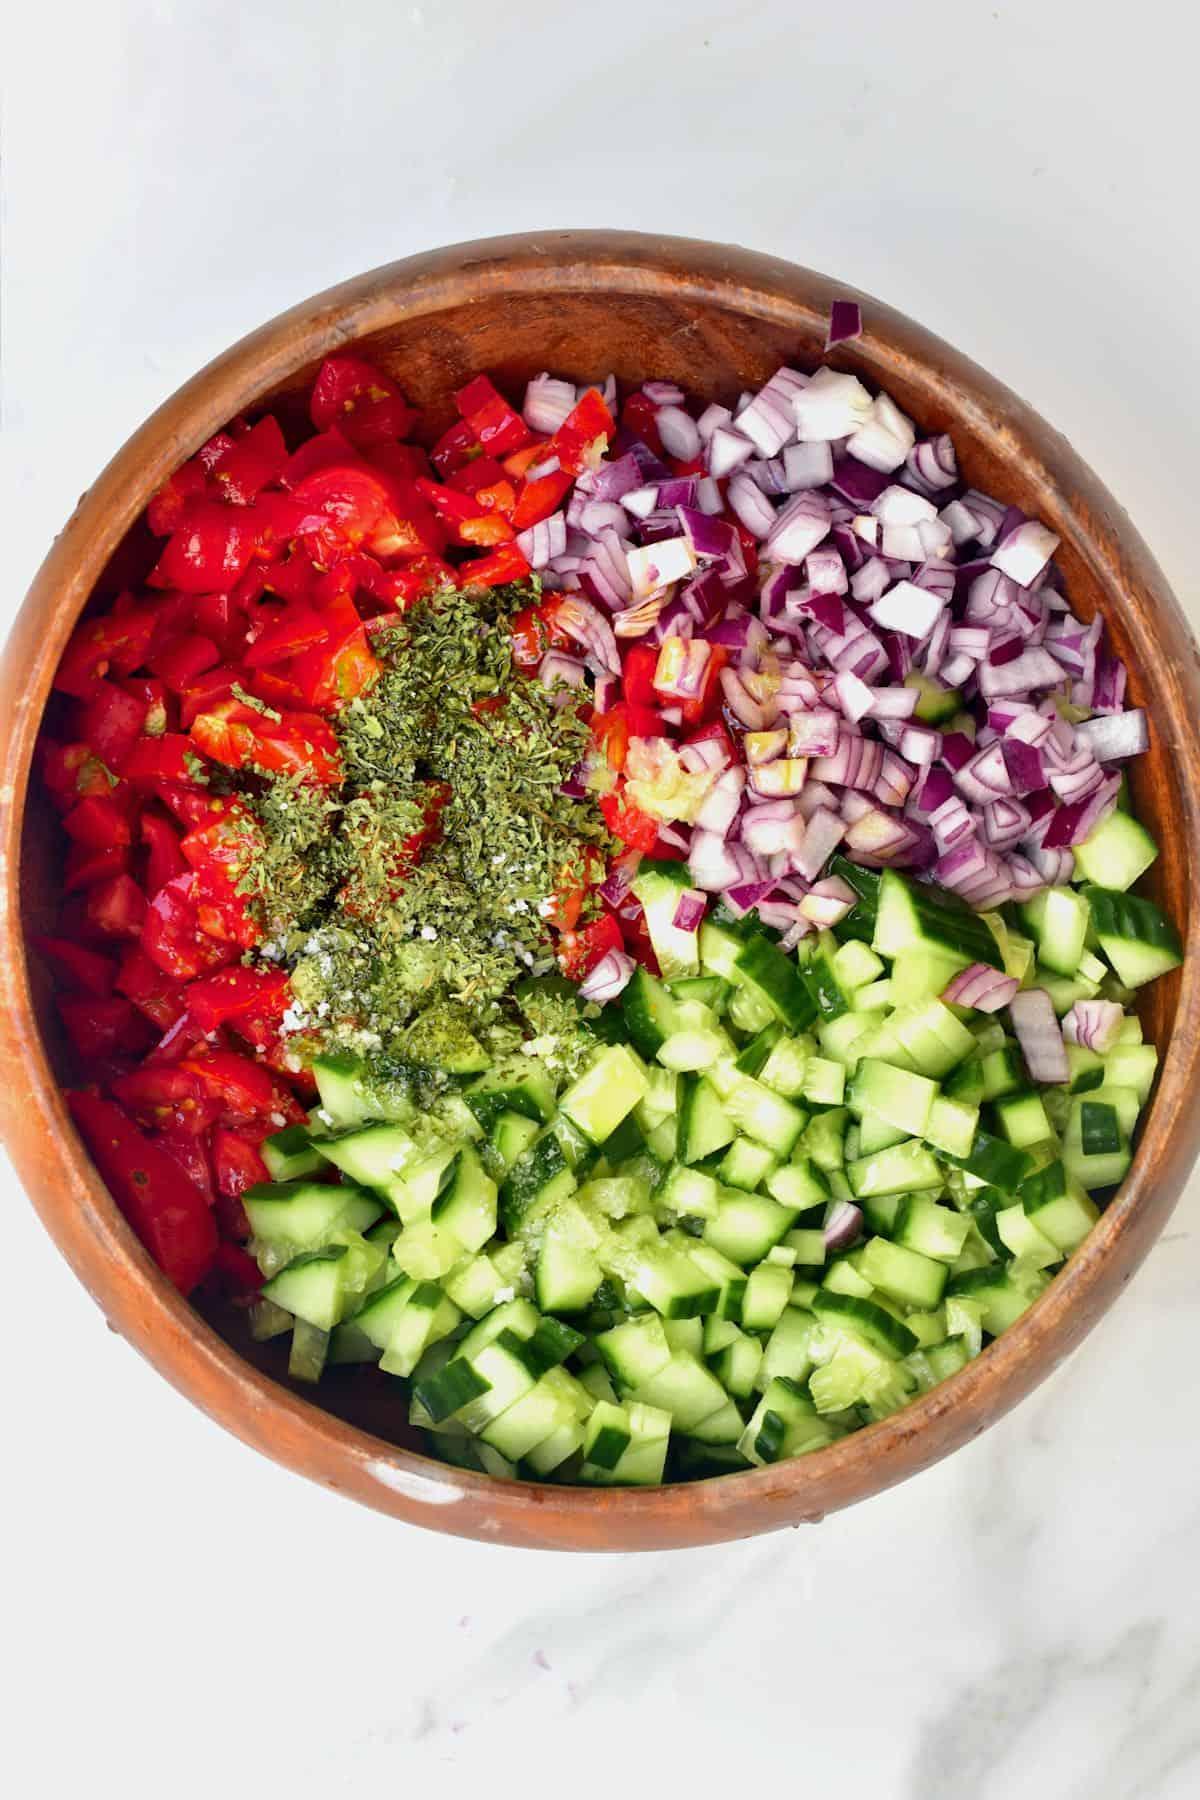 Preparing tomato cucumber salad